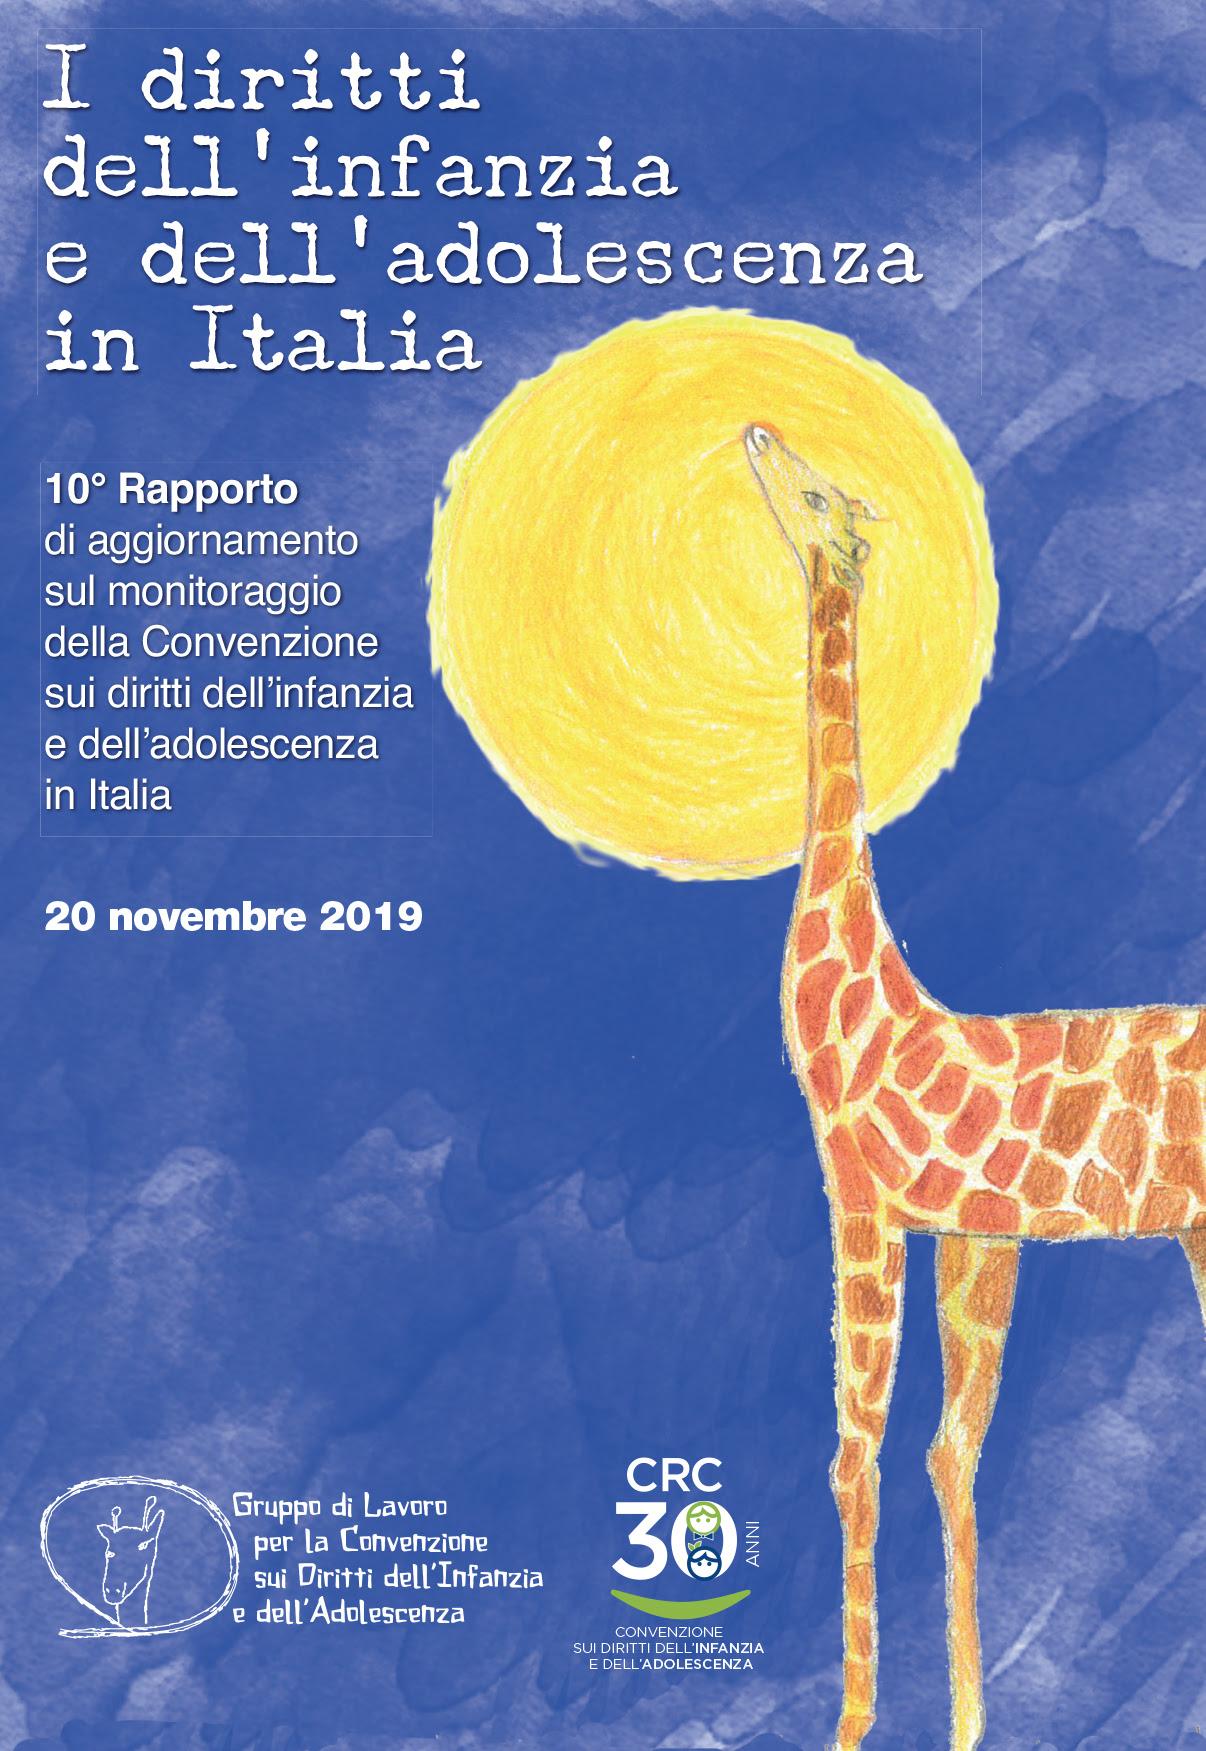 10° Rapporto di aggiornamento sul monitoraggio della Convenzione ONU sui Diritti dell'Infanzia e adolescenza in Italia - locandina